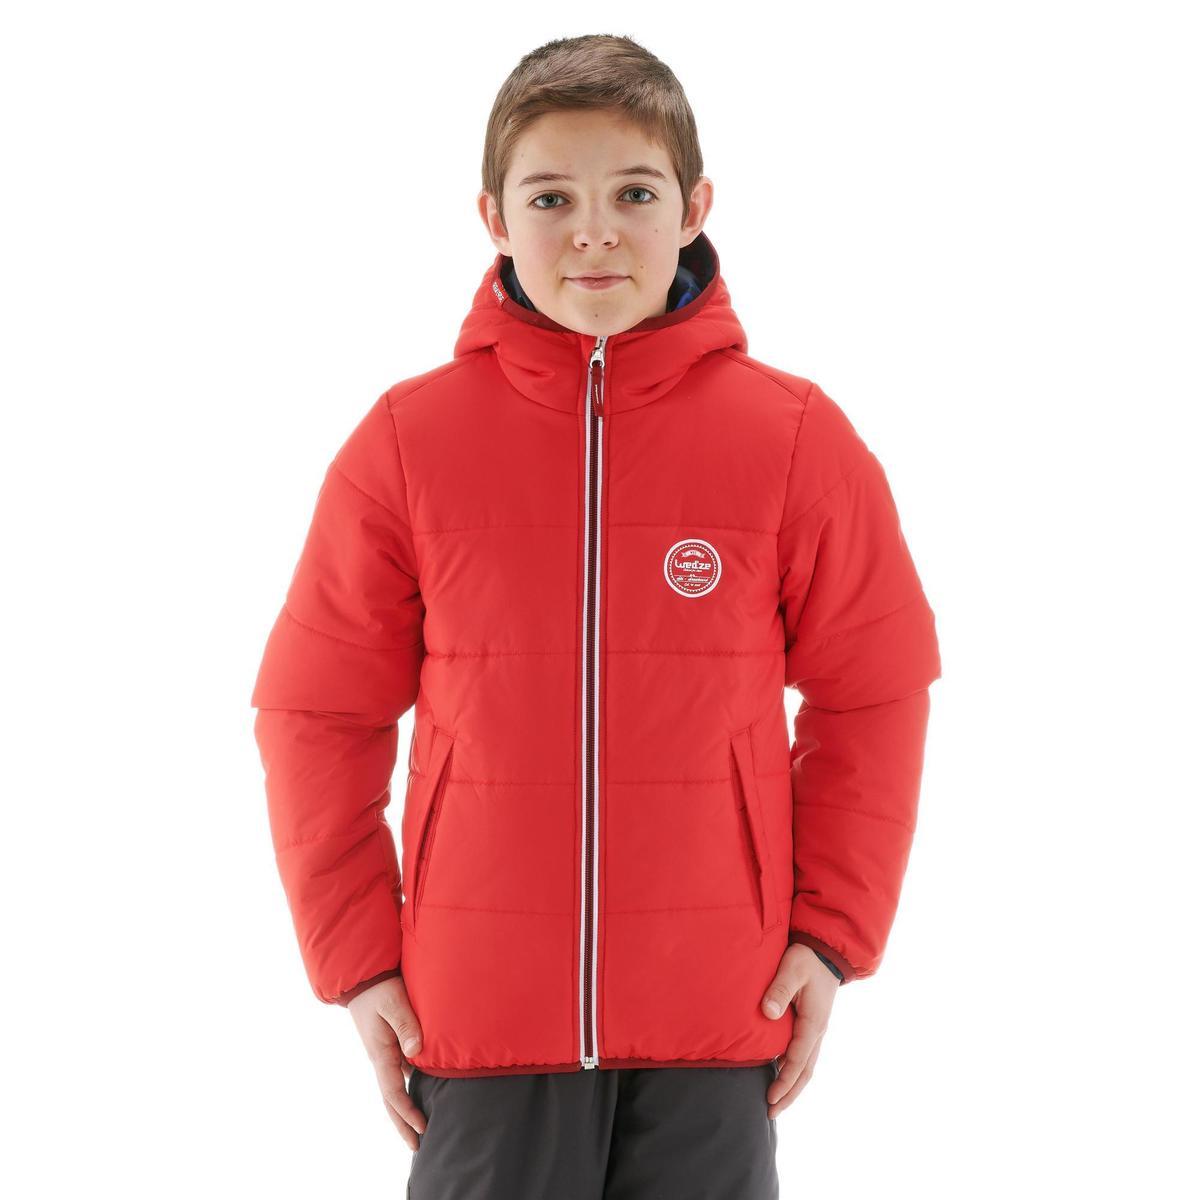 Bild 5 von Skijacke Piste 100 warm wendbar Kinder schwarz